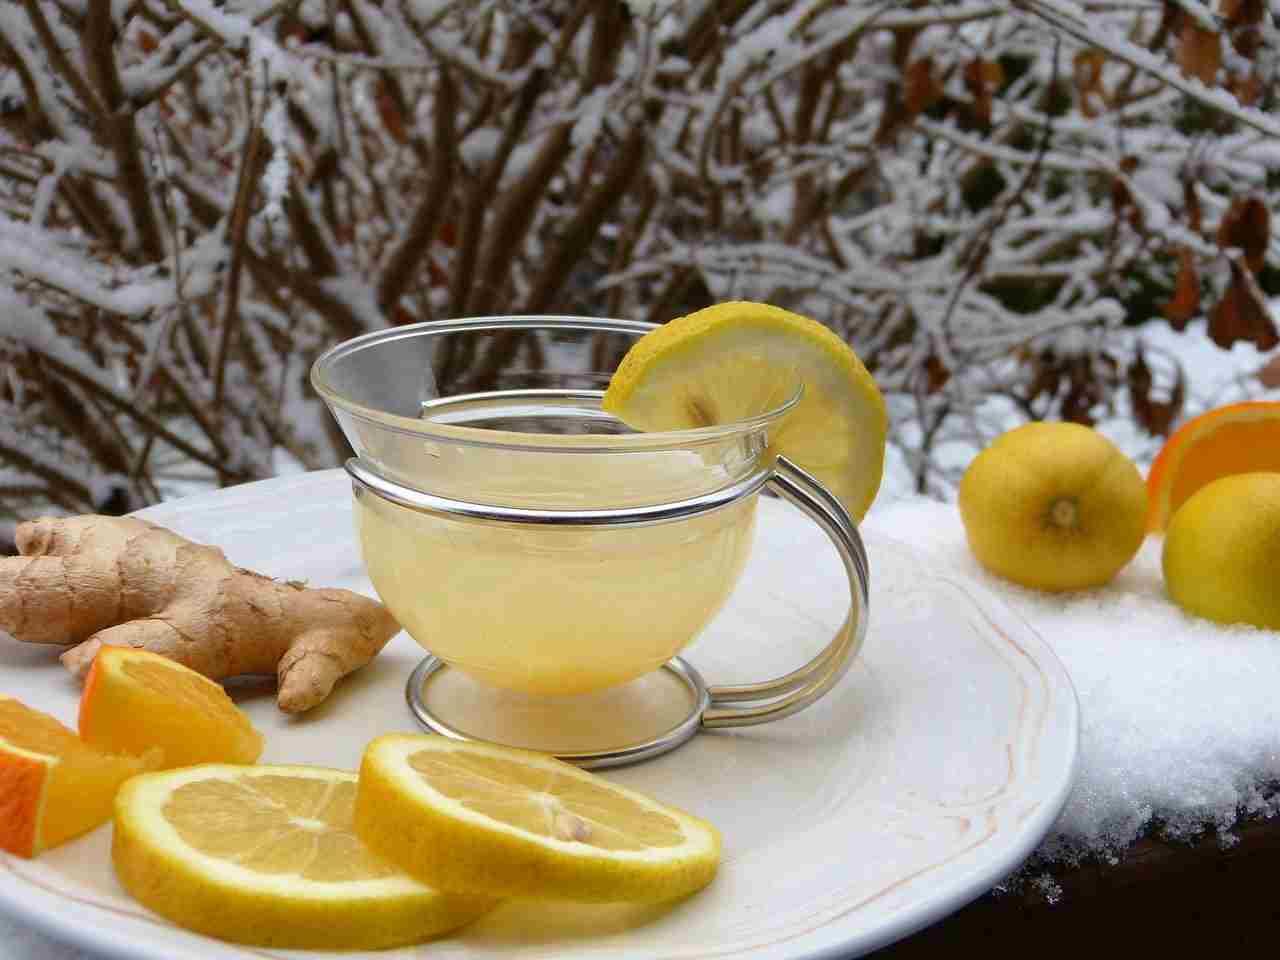 dimagrire con limone bollito